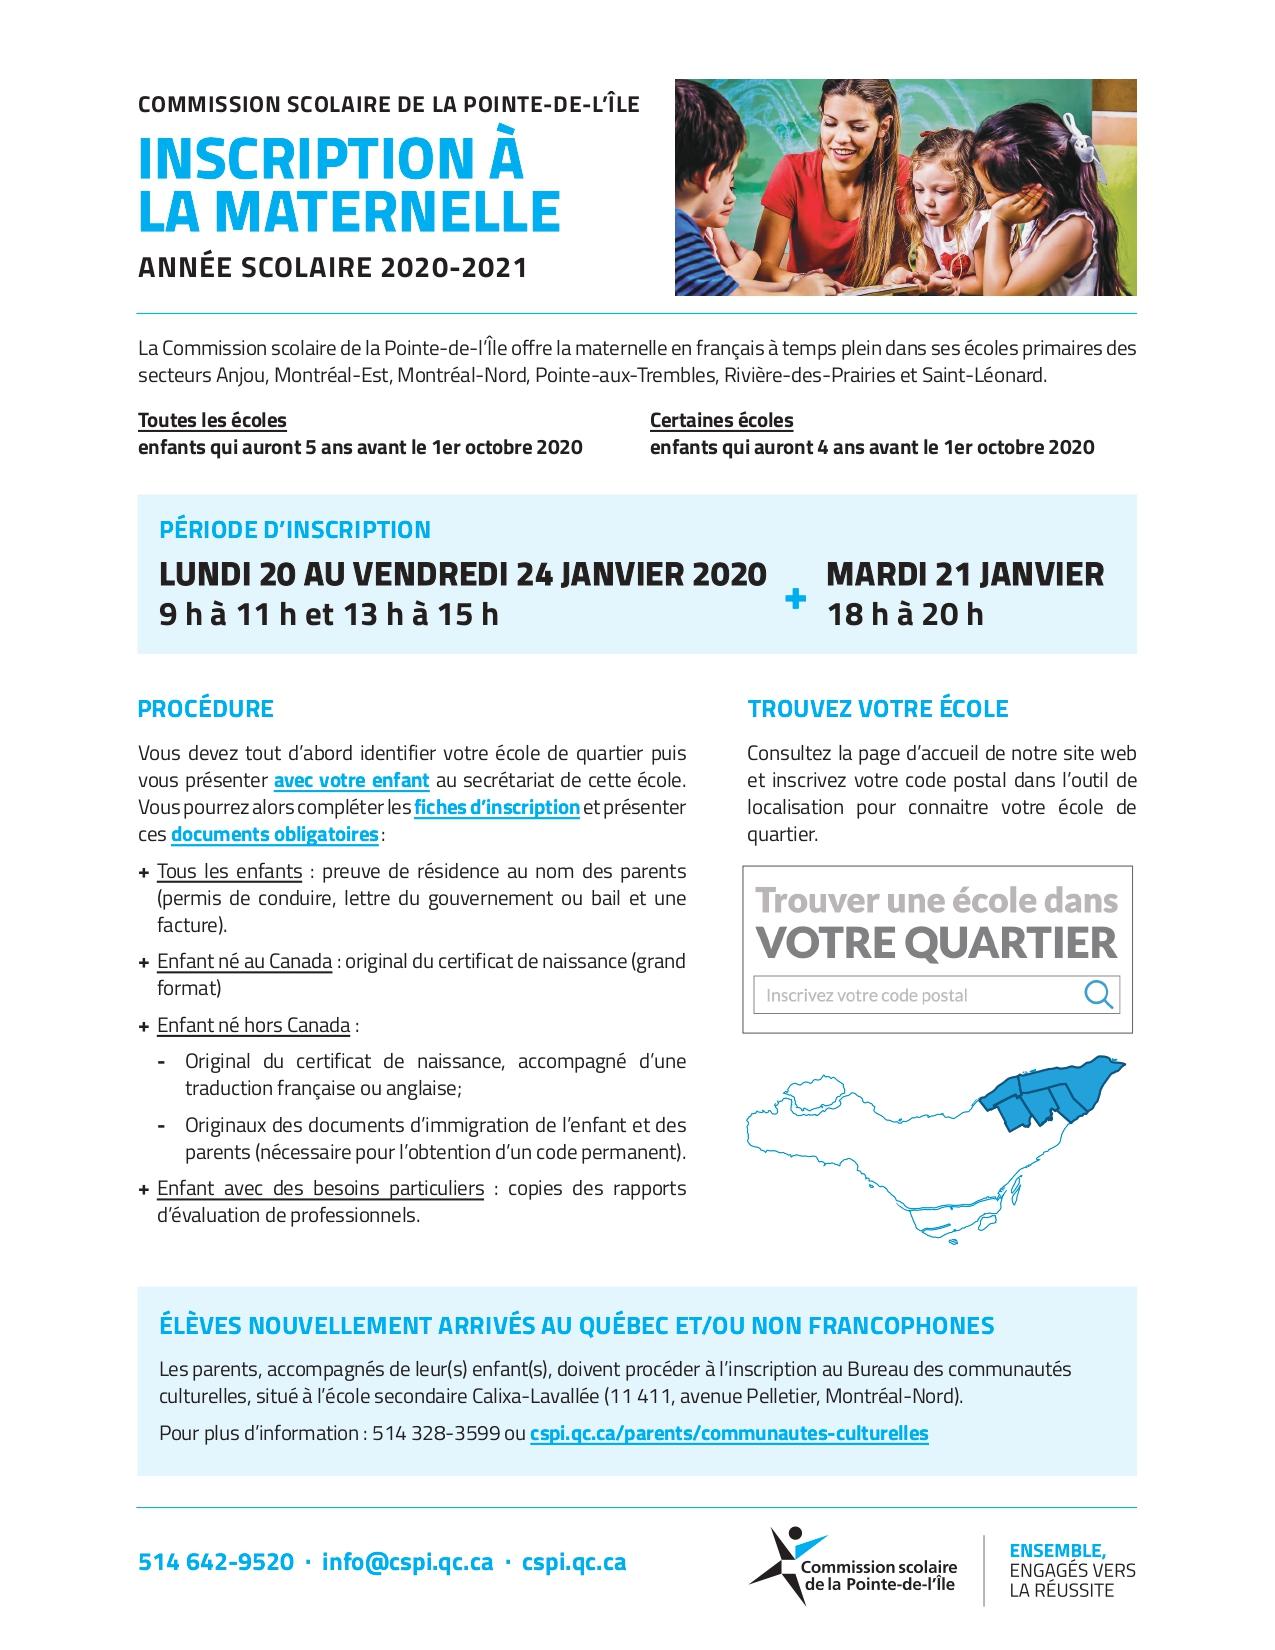 CSPI_Inscription maternelle geěneěrale - one pager_v1_page-0001